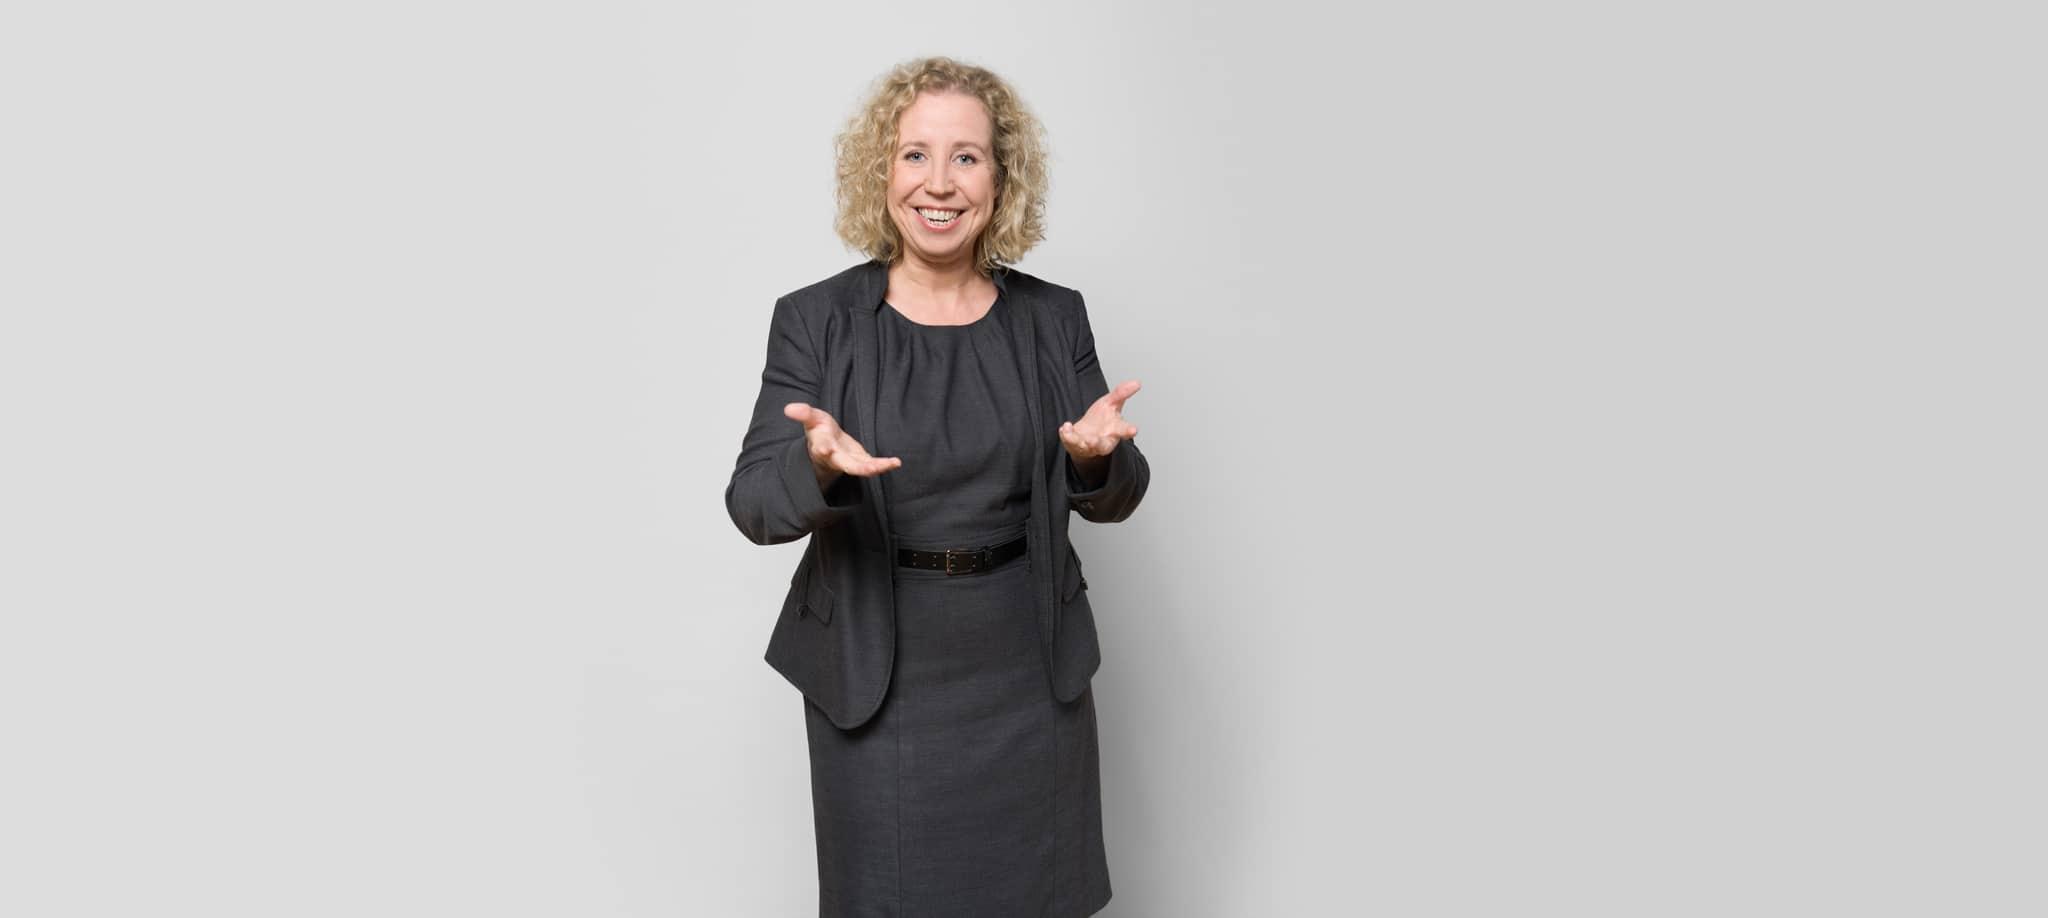 """""""Starten Sie. Jetzt."""" PR-Doktor Kerstin Hoffmann macht im Interview klar, warum die berufliche Nutzung des Social Web kein Wagnis, sondern unbedingte Notwendigkeit ist. In einer Serie auf dem RGBlog haben wir Experten um ihre Einschätzung zu Trends 2014 gebeten. Foto: Susanne Fern"""